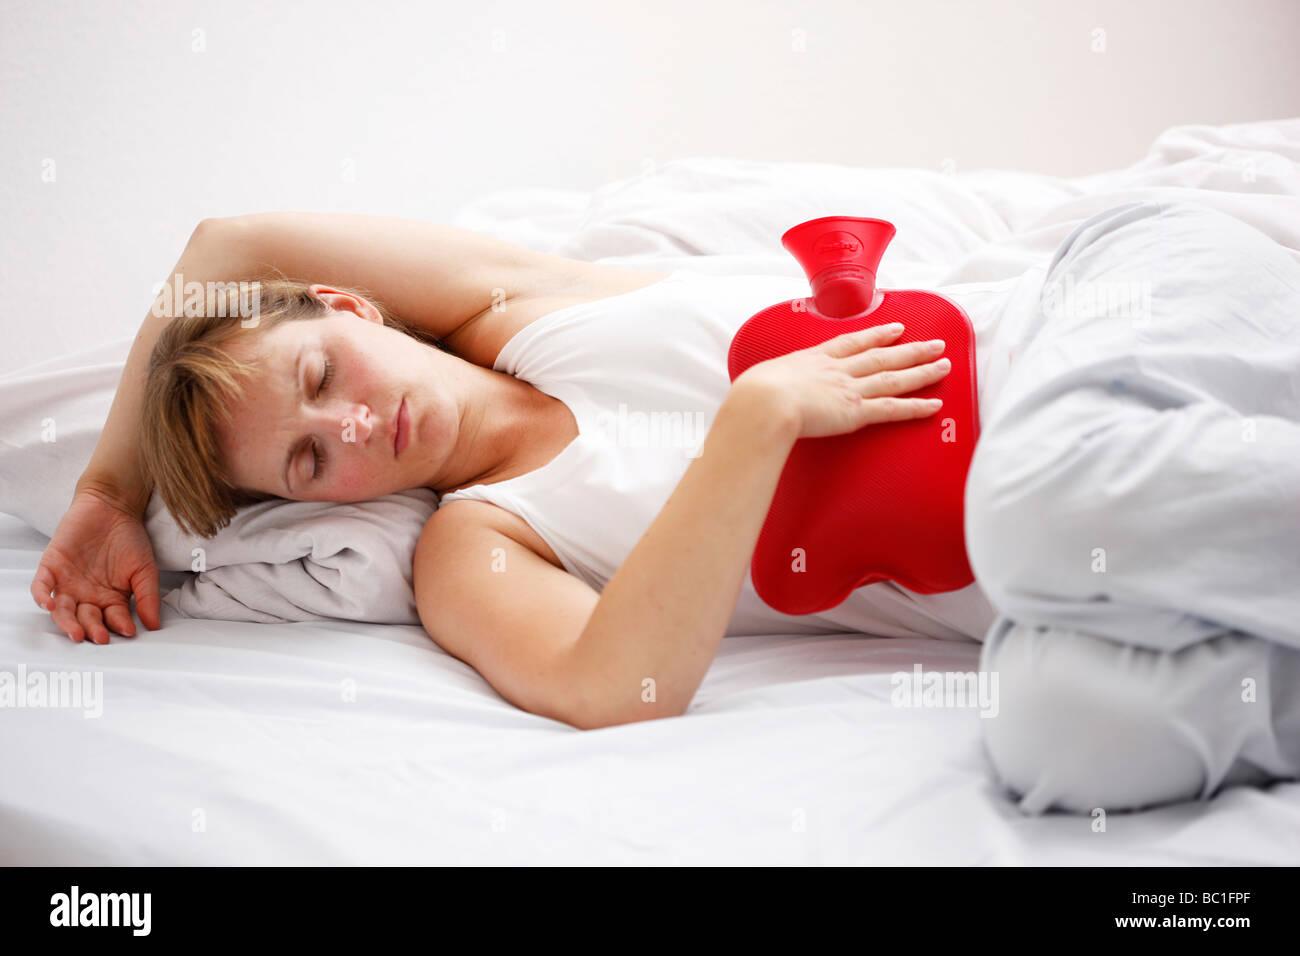 Femme a soulager la douleur à l'estomac avec un sac d'eau chaude chaudasse Photo Stock